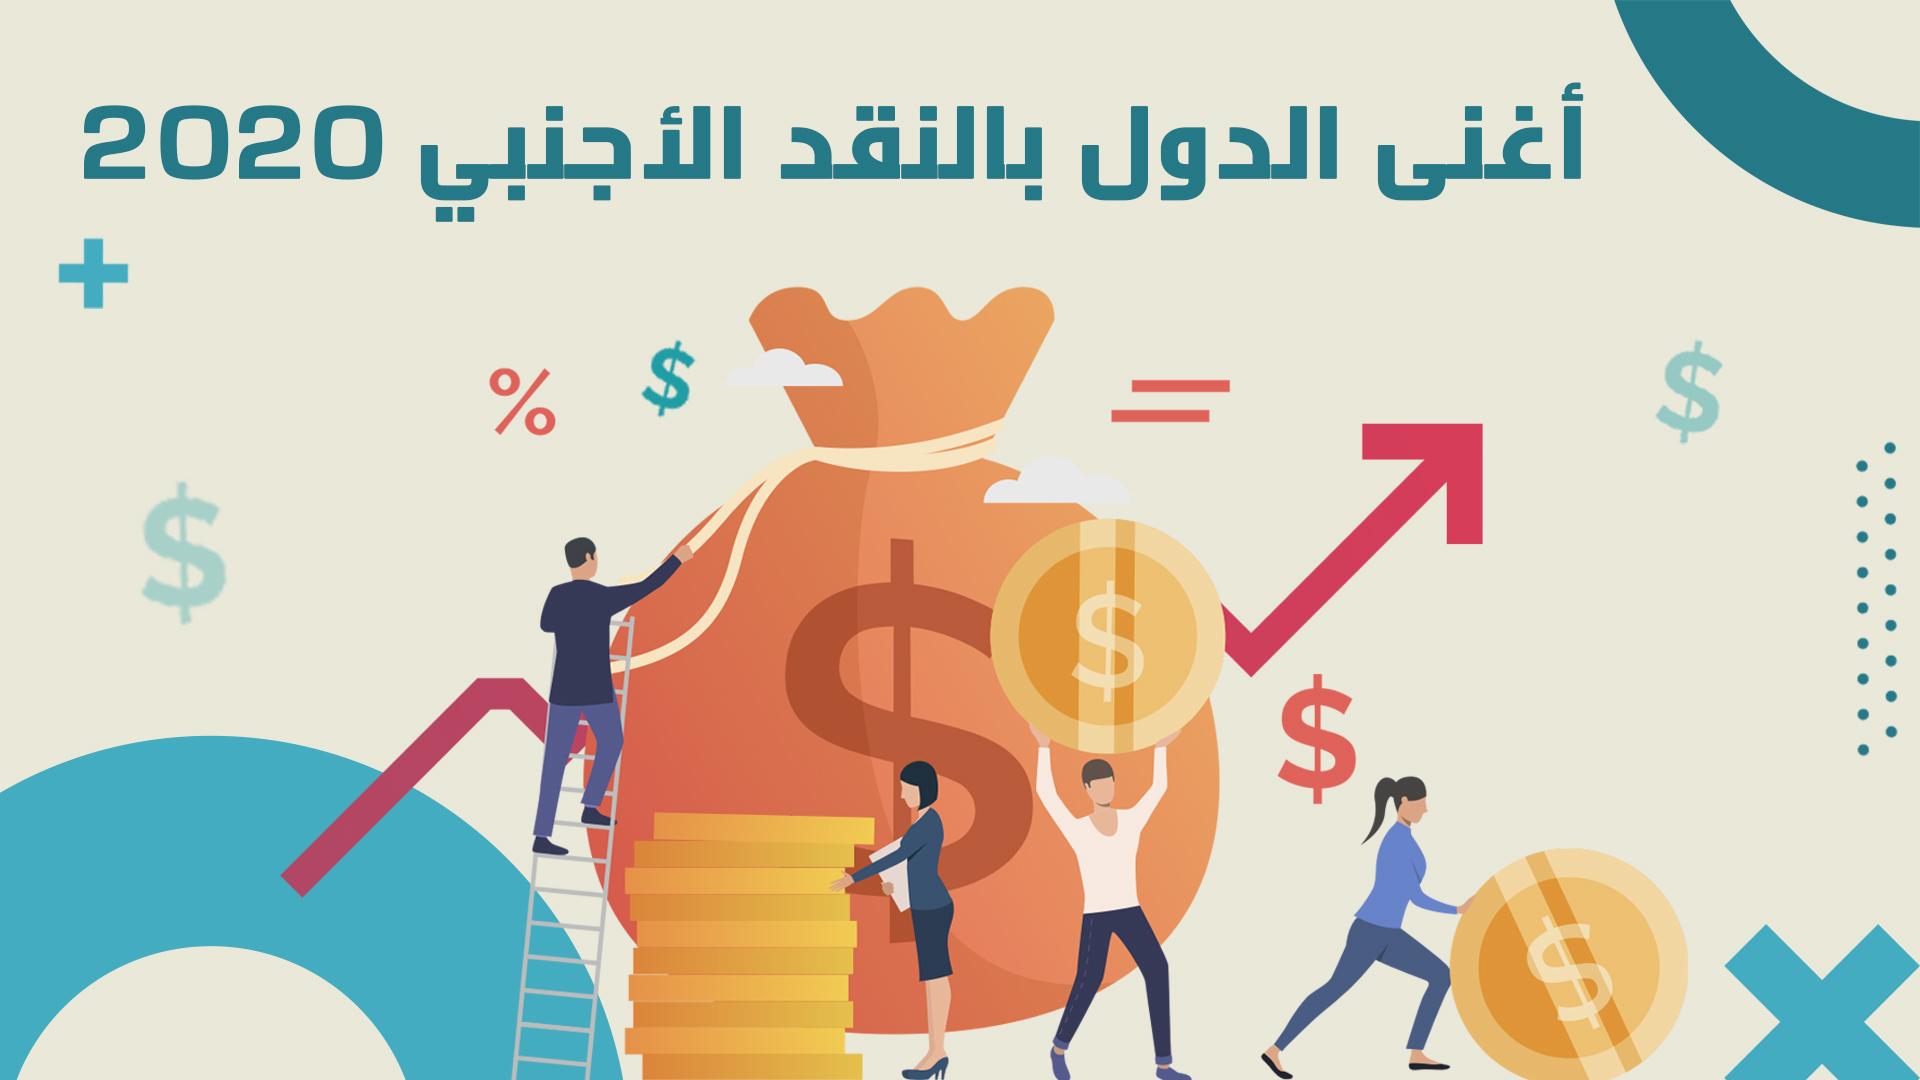 أغنى الدول بالنقد الأجنبي 2020